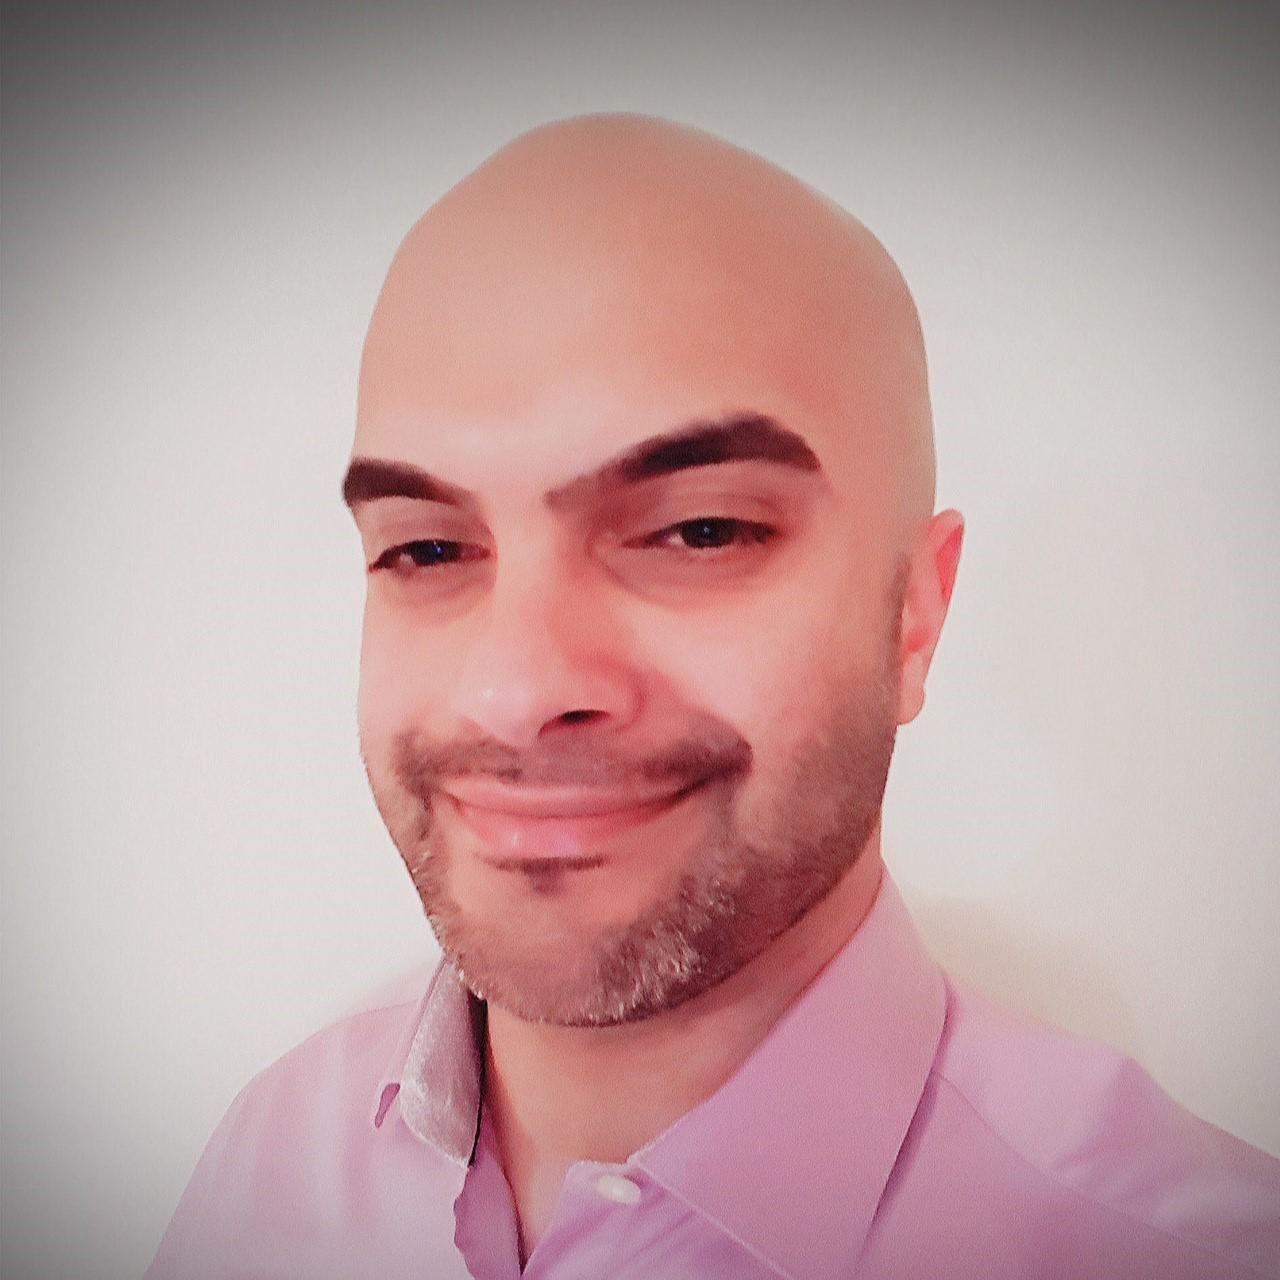 Abdul Al-Rawi